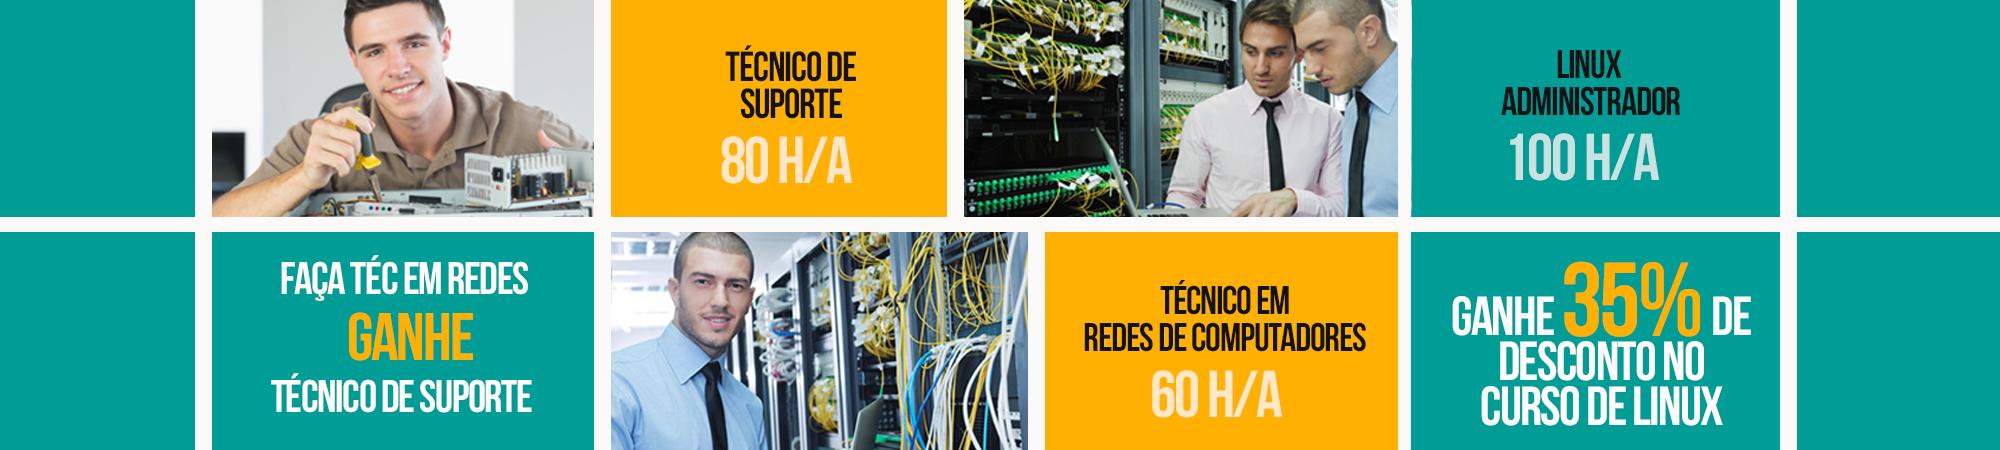 curso técnico de suporte curso de técnico em curso de redes de computadores curso de linux administrador de redes